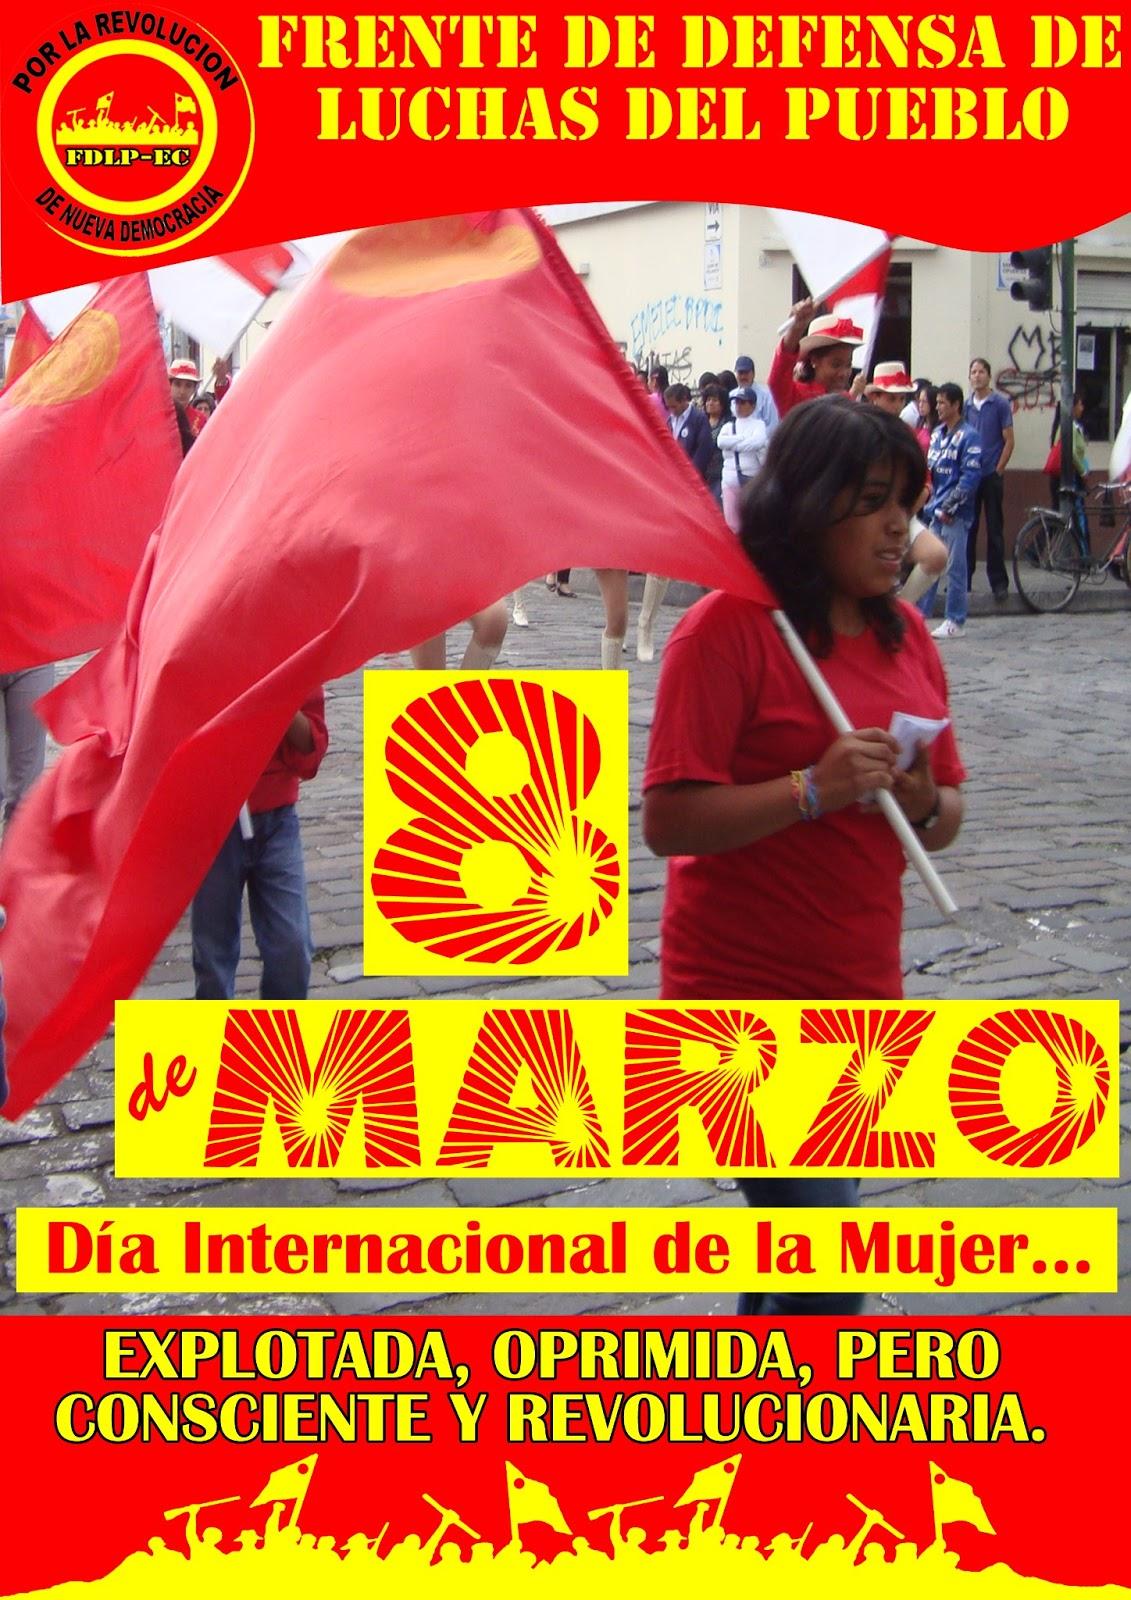 FRENTE DE DEFENSA DE LUCHAS DEL PUEBLO 8 DE MARZOmujer 2013.jpg